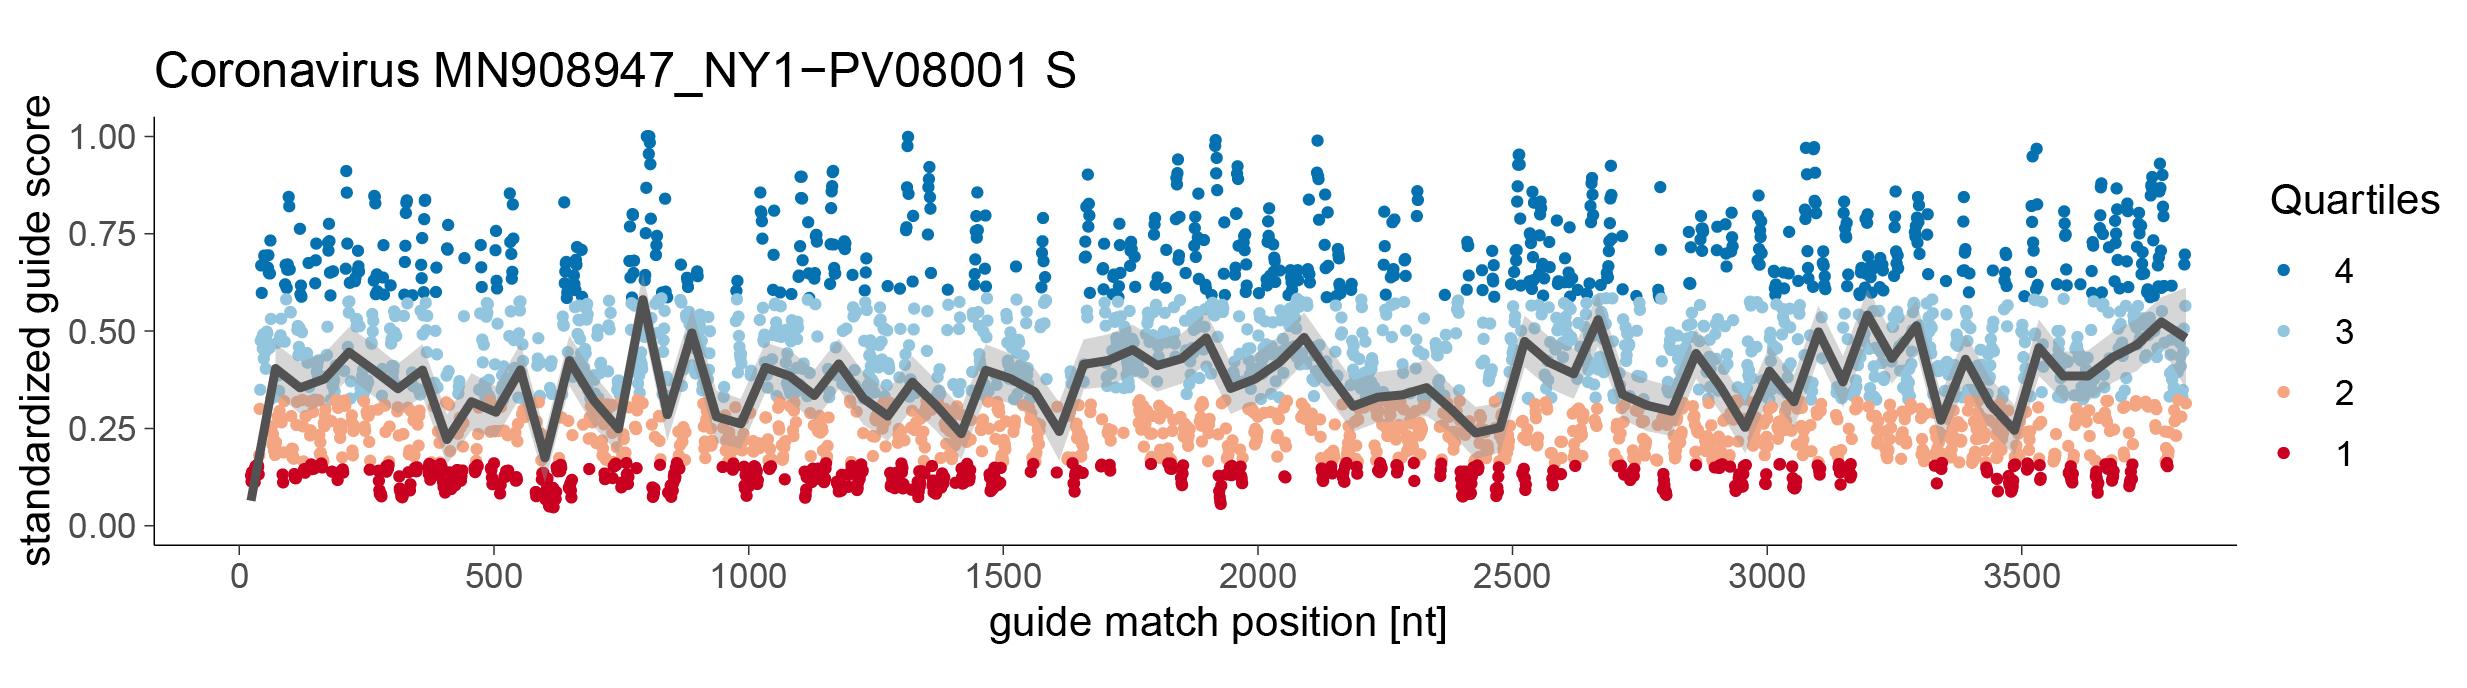 Cas13designGuidePredictor/data/ExampleS.jpg